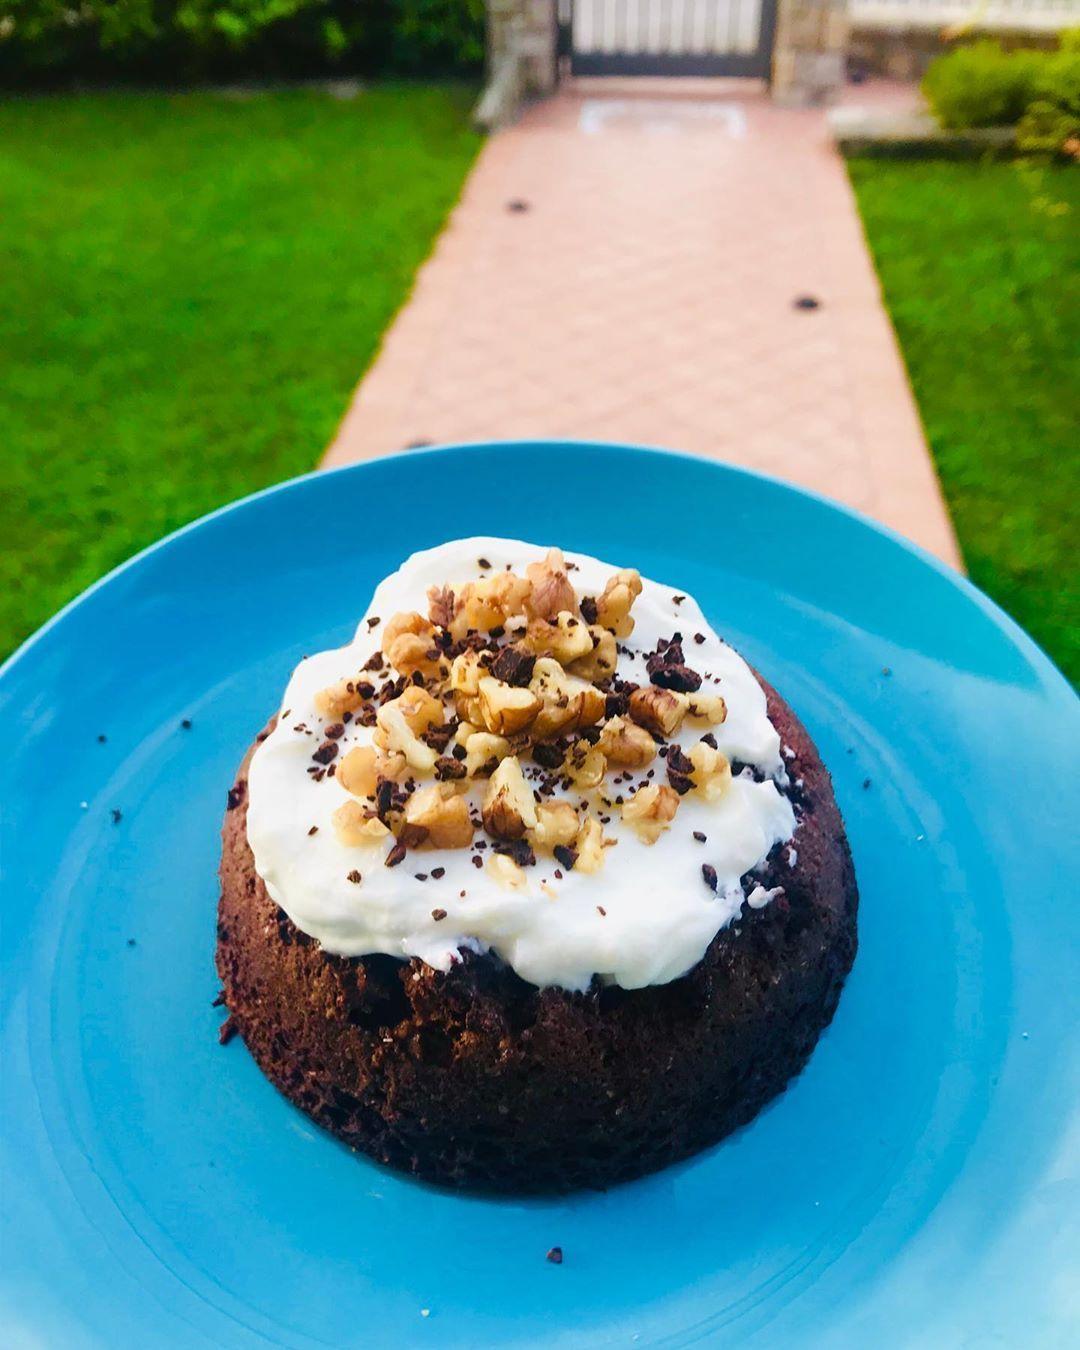 Tortino soffice al cacao con yogurt greco, noci amp; scaglie di cioccolato fondente #tortinofit #hea...